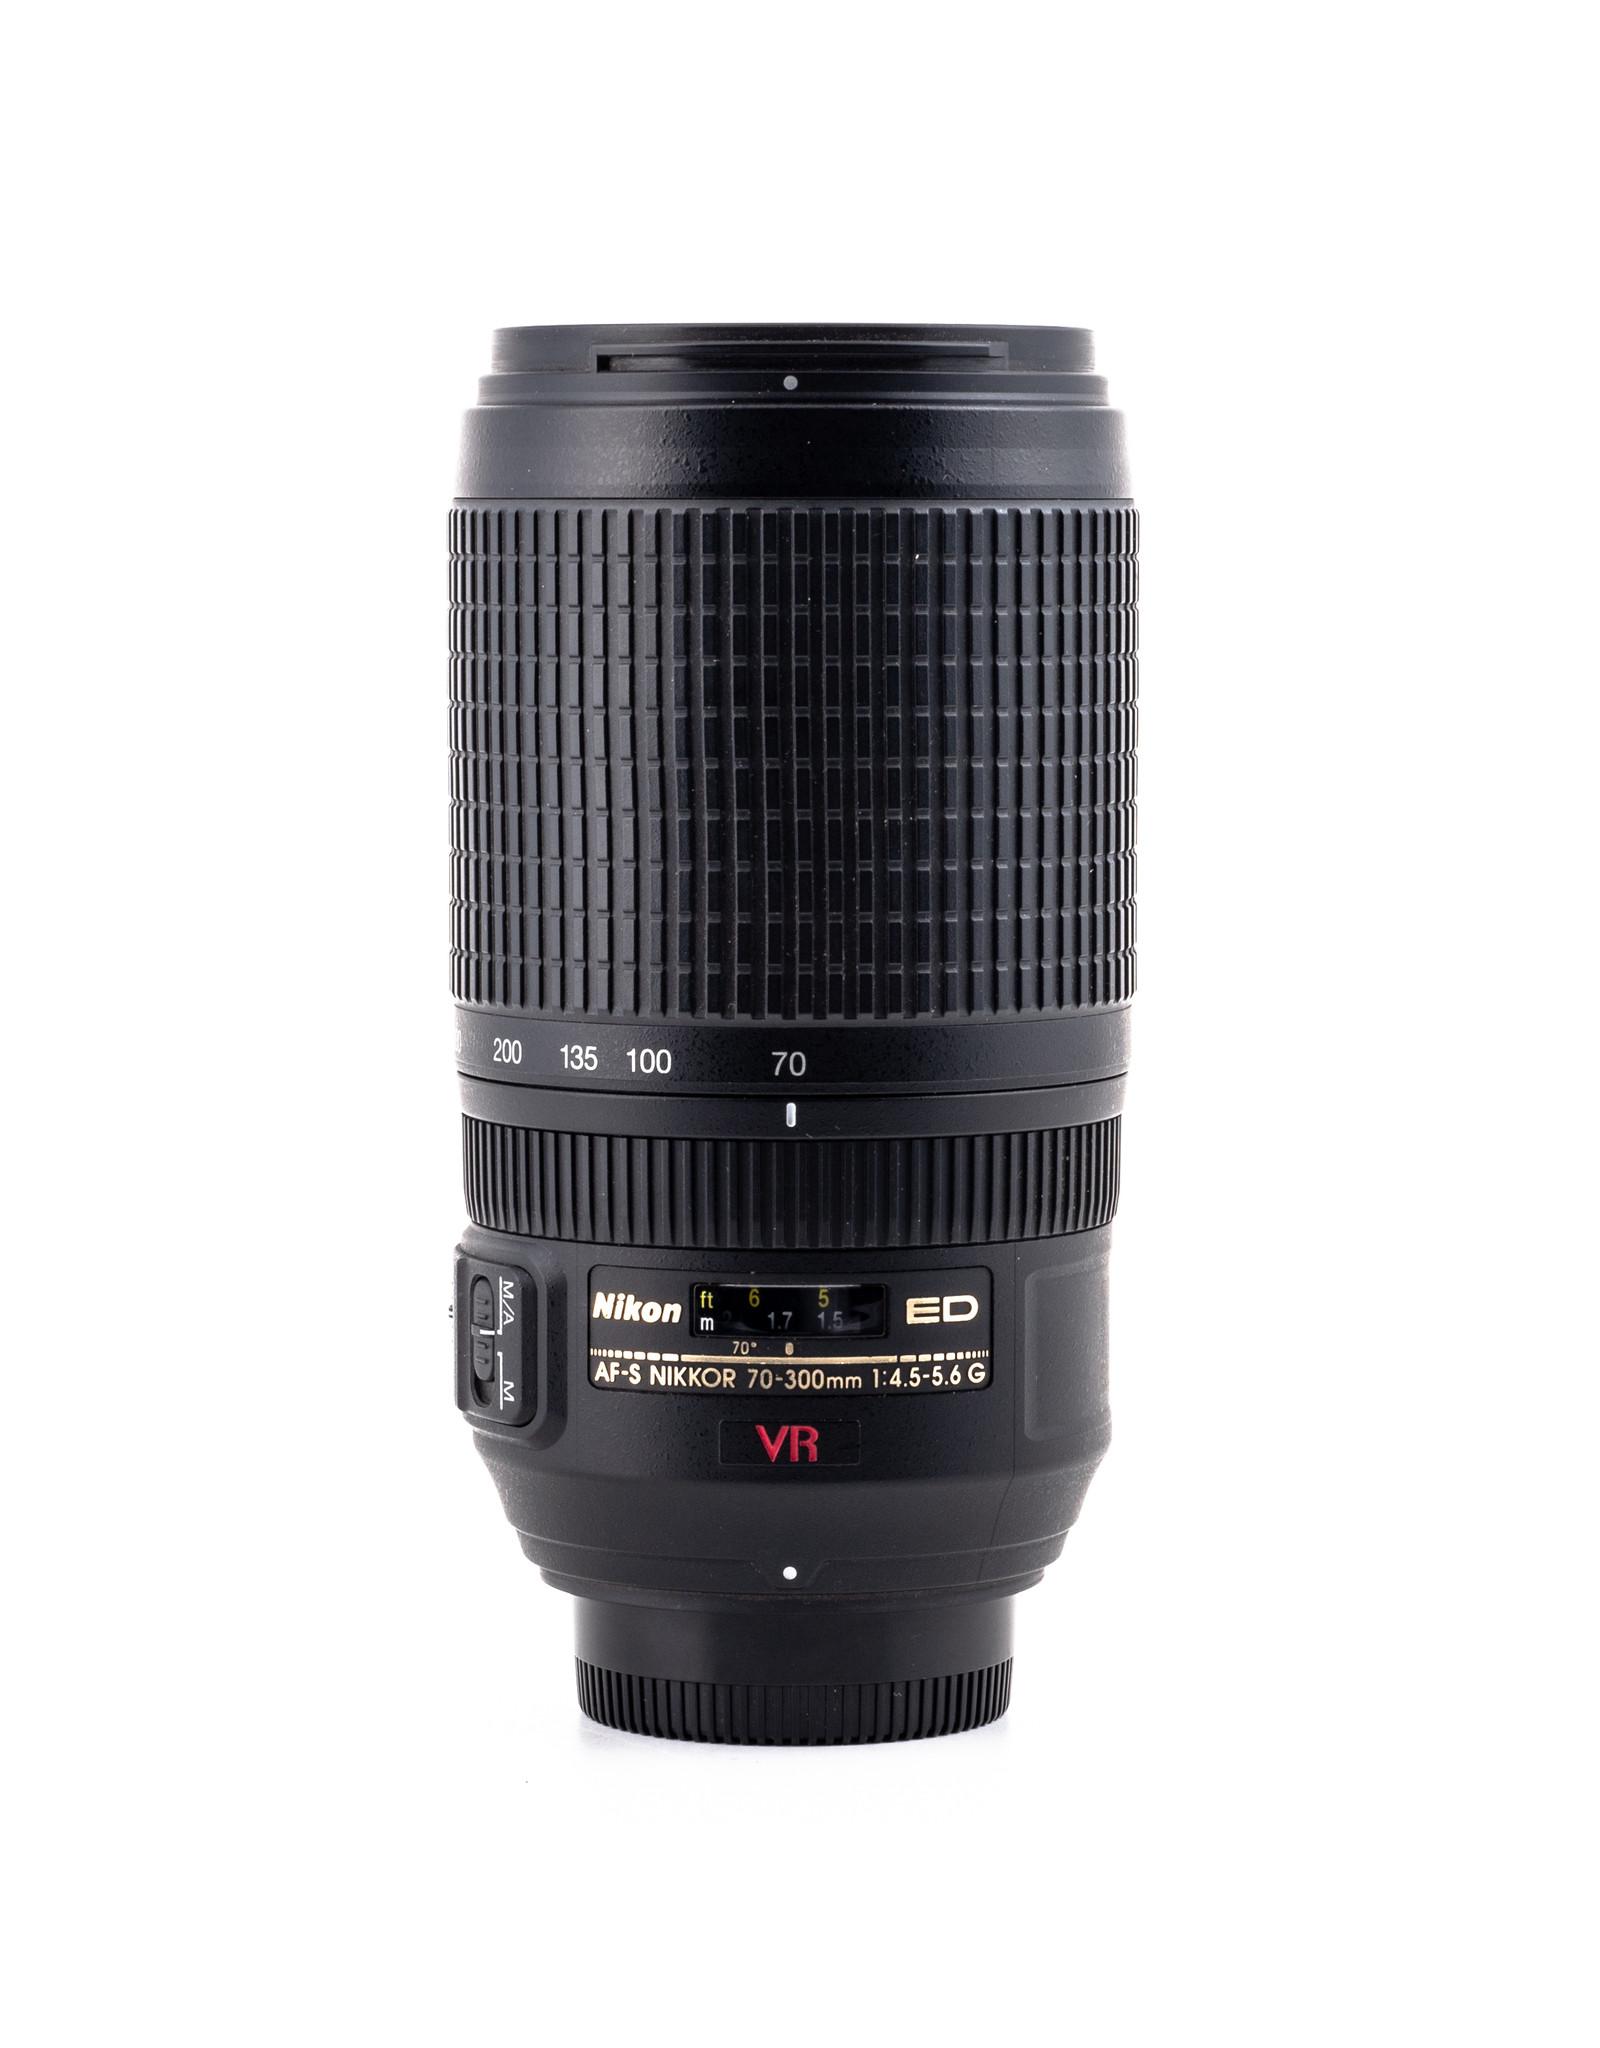 Nikon Occ Nikon 70-300 / 4,5-5,6 VR FX AF-S